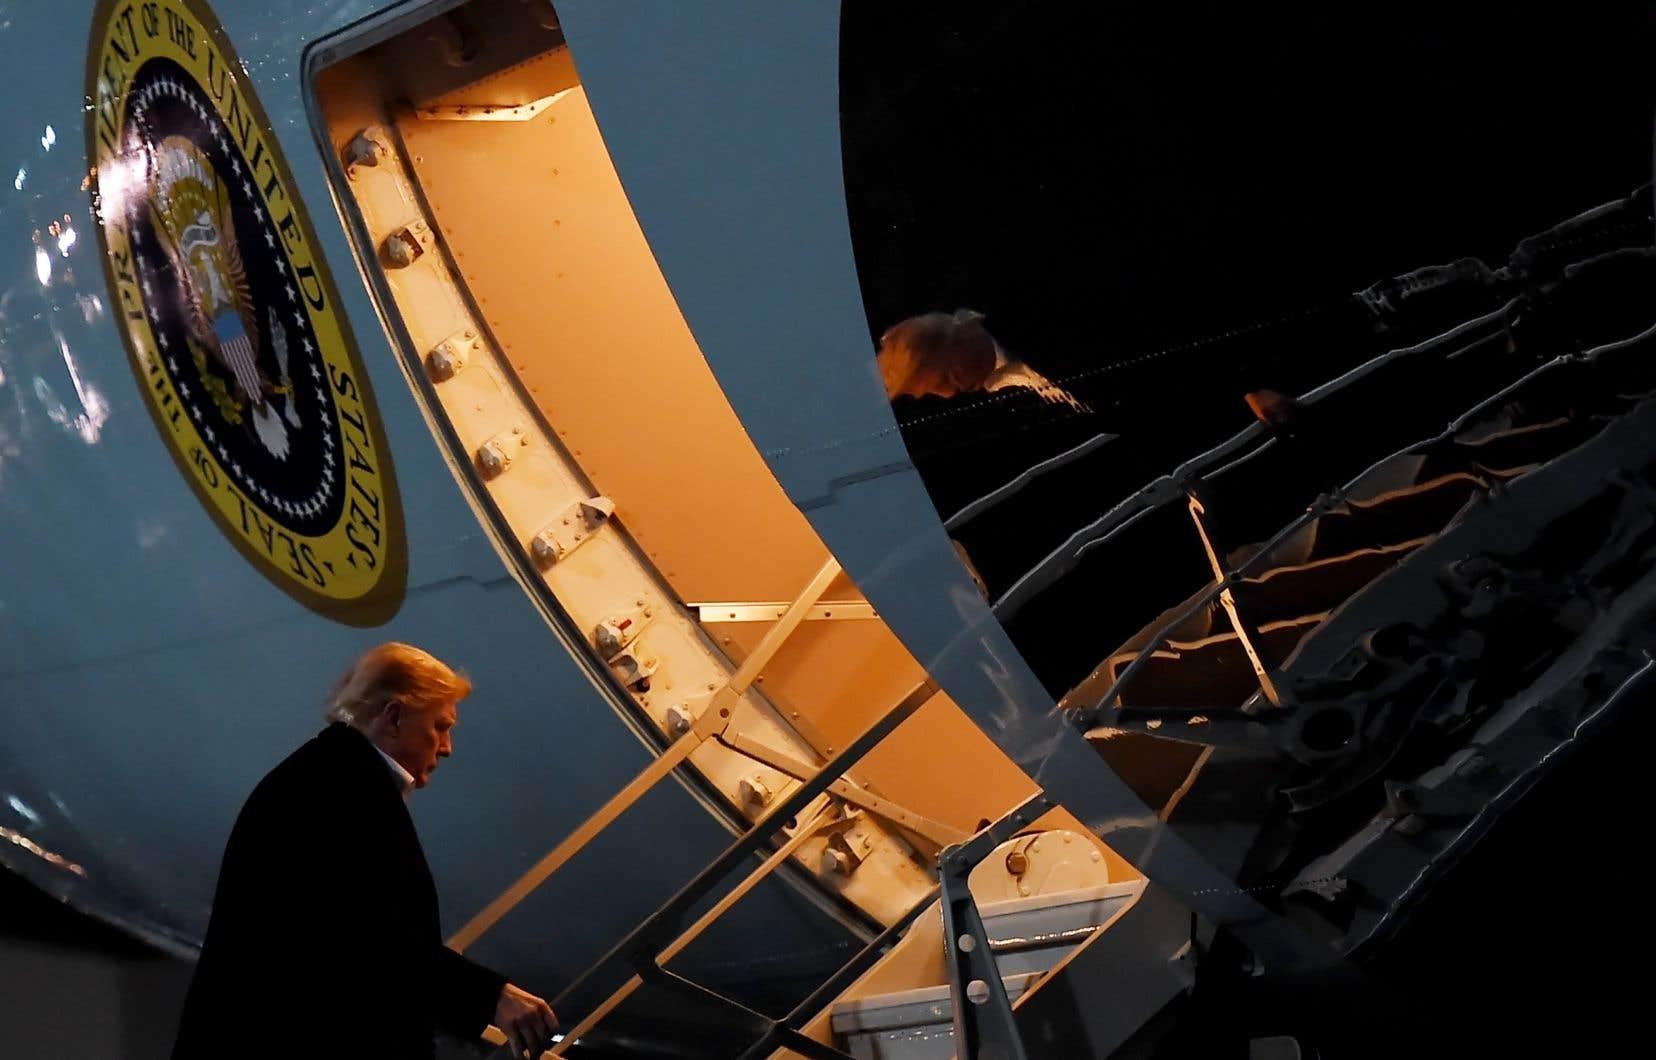 Donald Trump et ses partisans pourront argumenter avant les élections de novembre qu'il a tenu sa promesse de mettre fin à une guerre impopulaire.